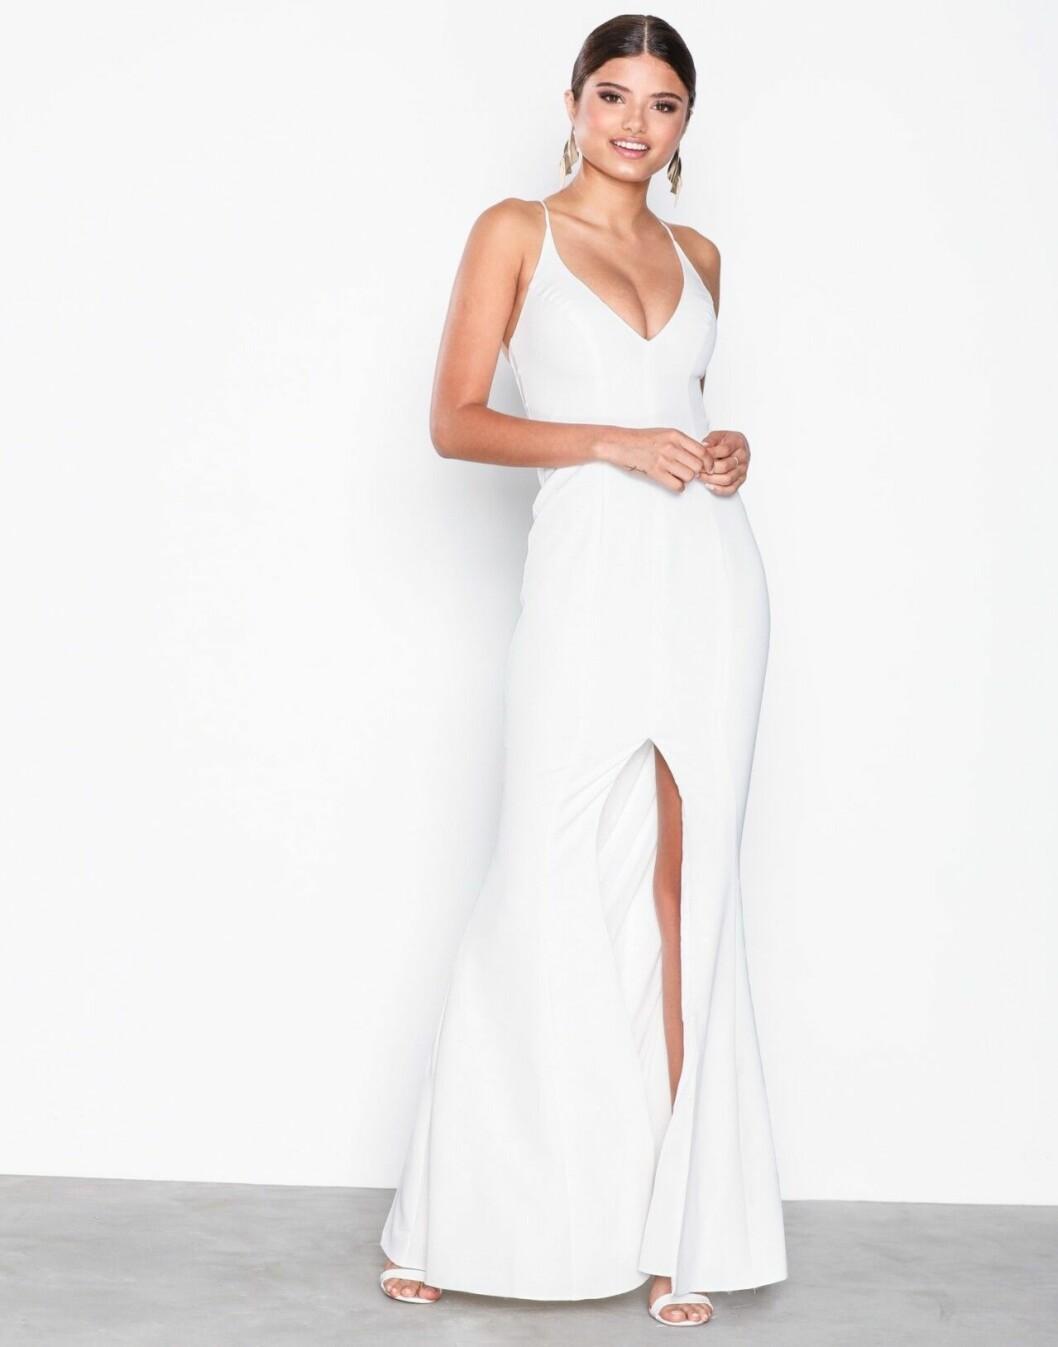 Billig bröllopsklänning med tunna band till 2019